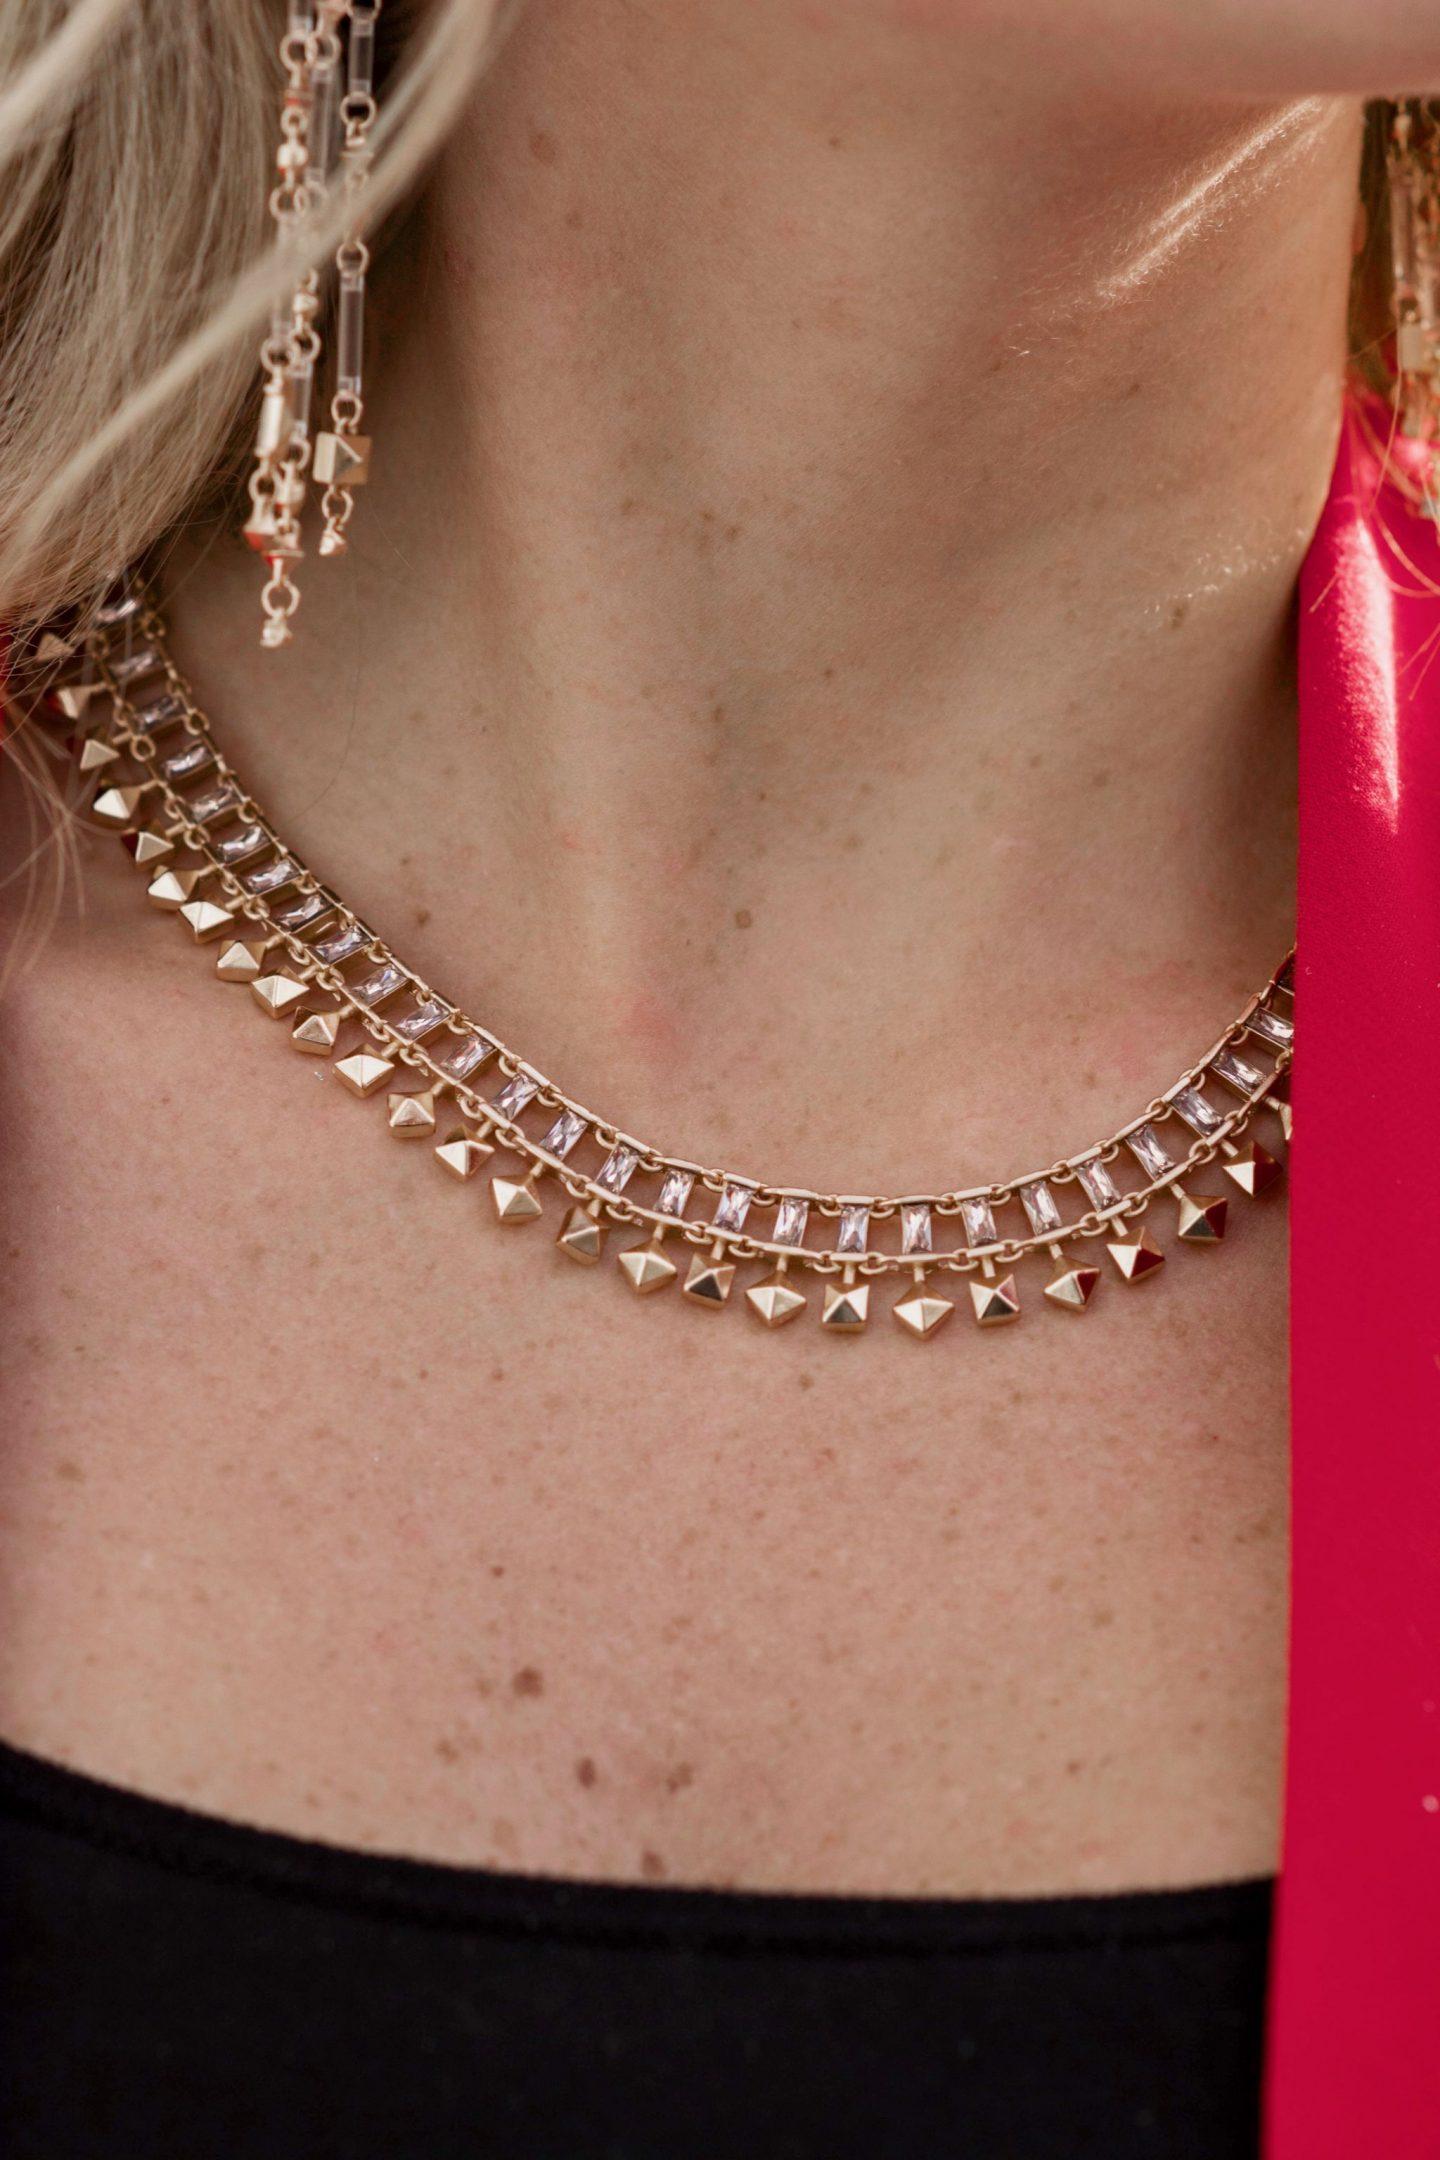 kendra-scott-jewelry-necklace-earrings-giveaway